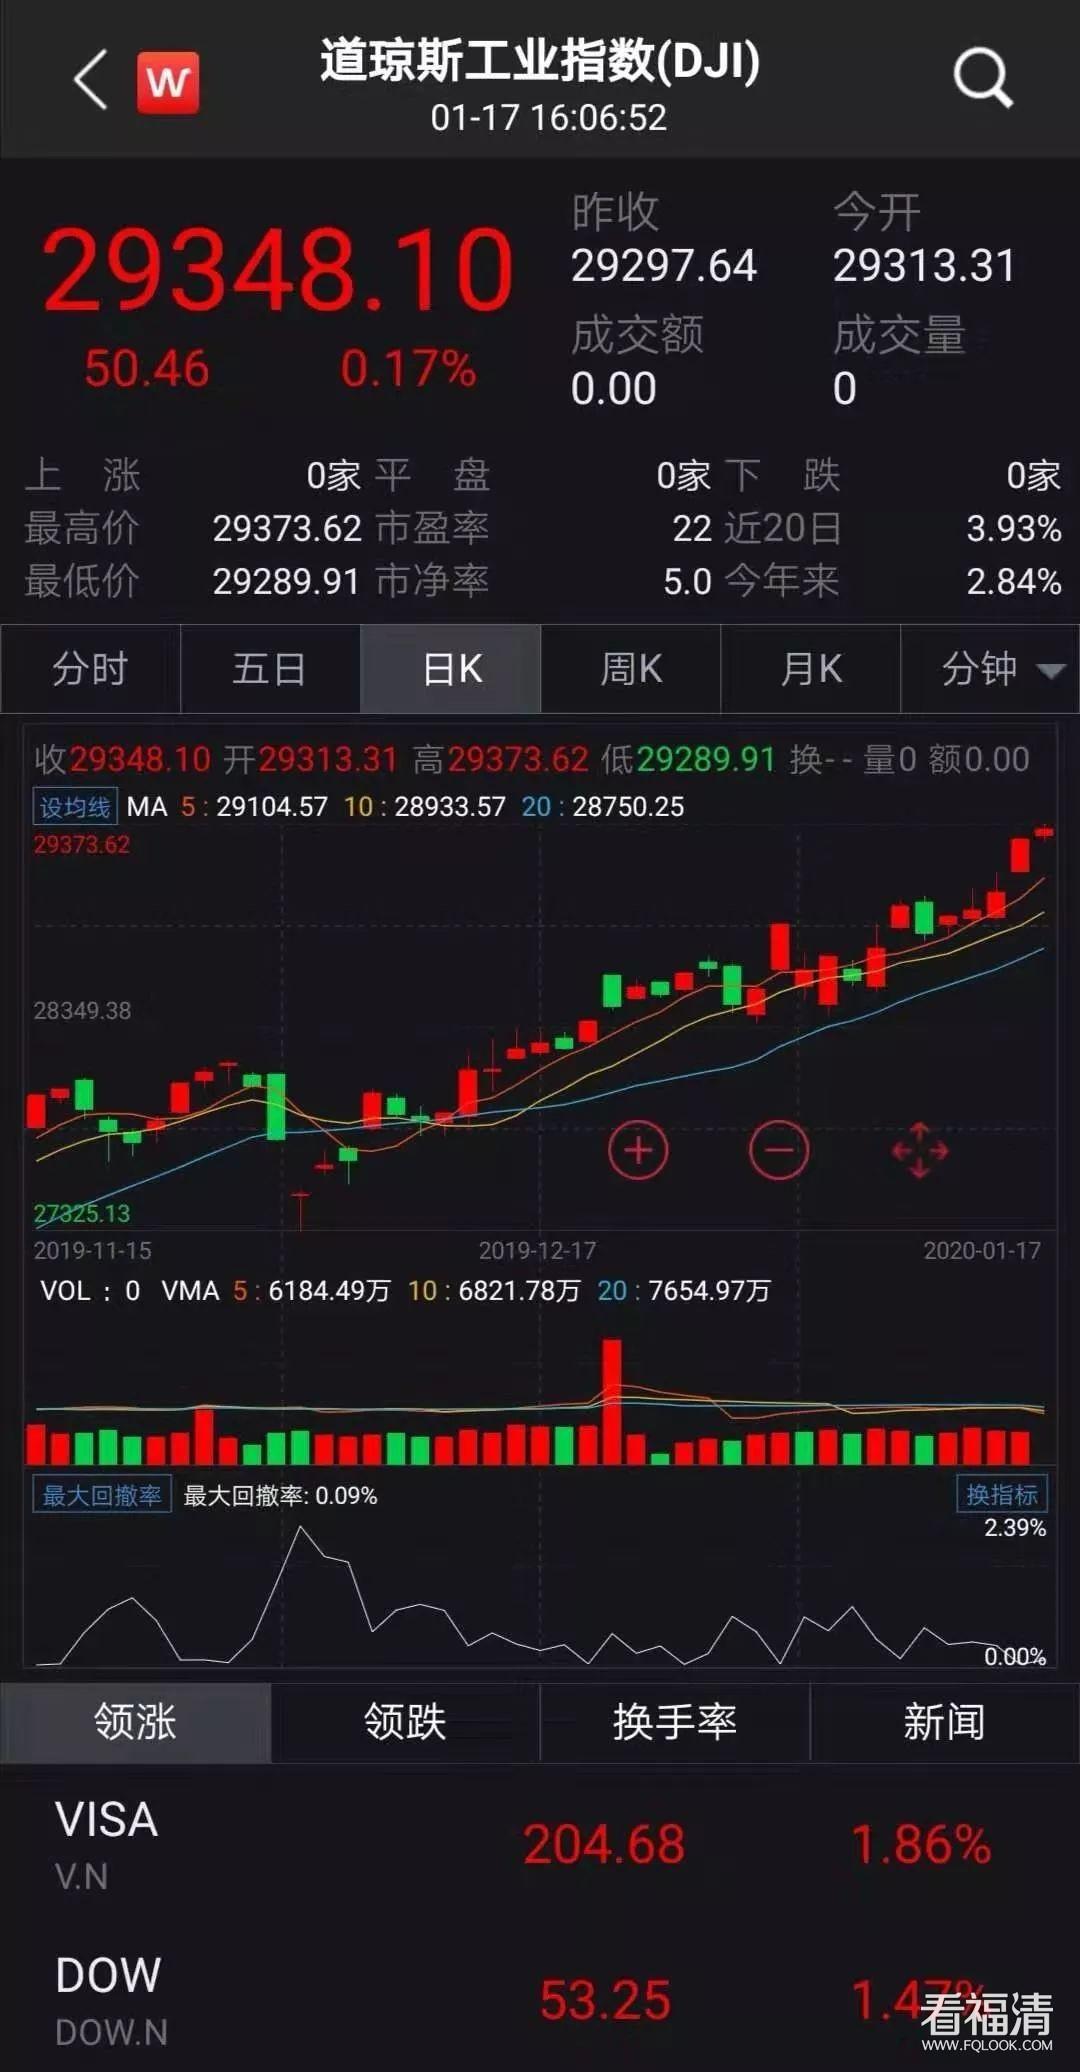 一度飙升40%!雷军彻底火了,荔枝成功首秀,小米暴涨8%市...